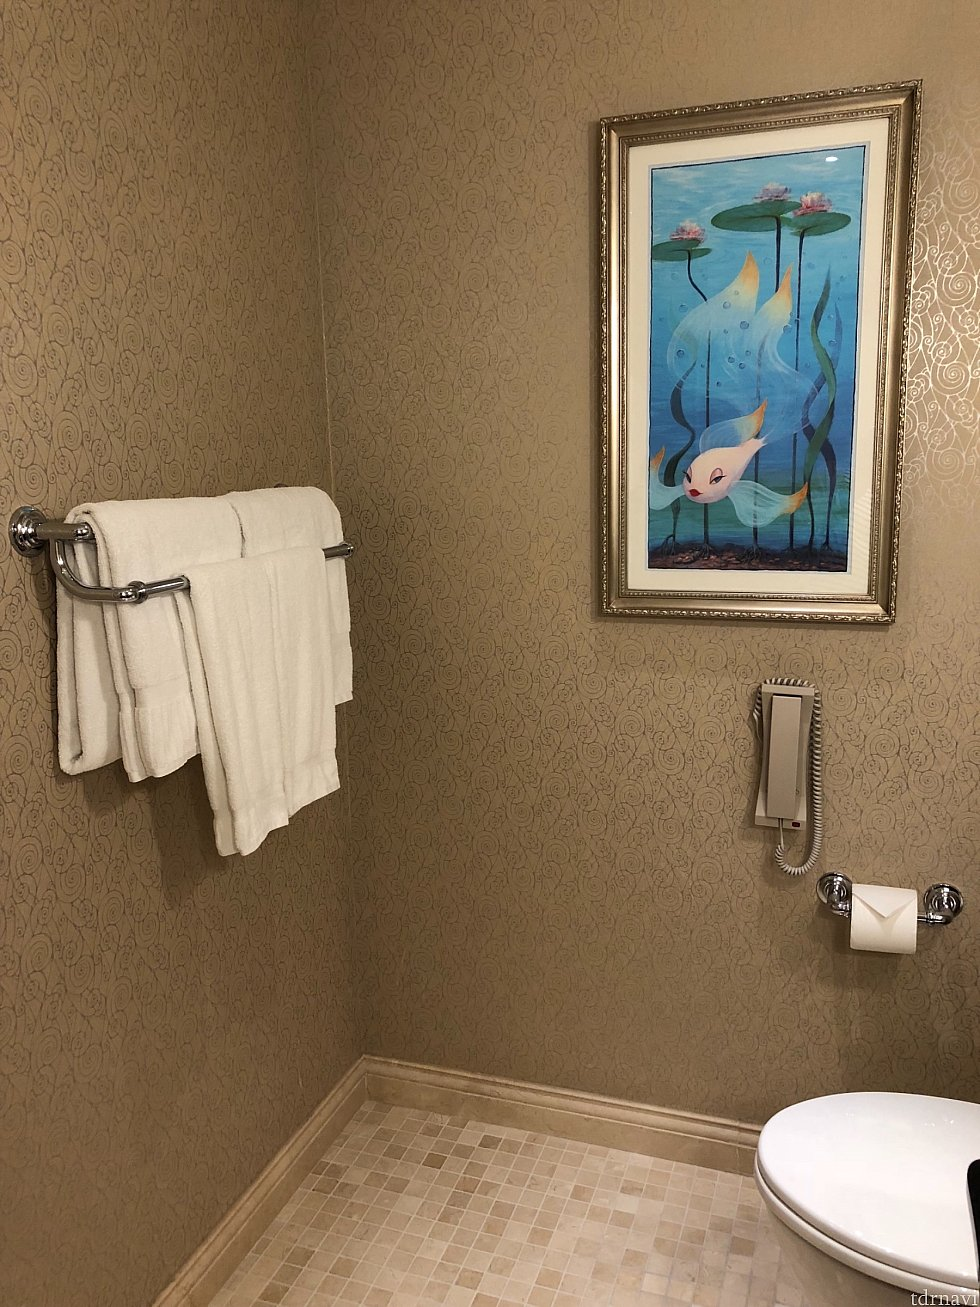 壁にはタオル類